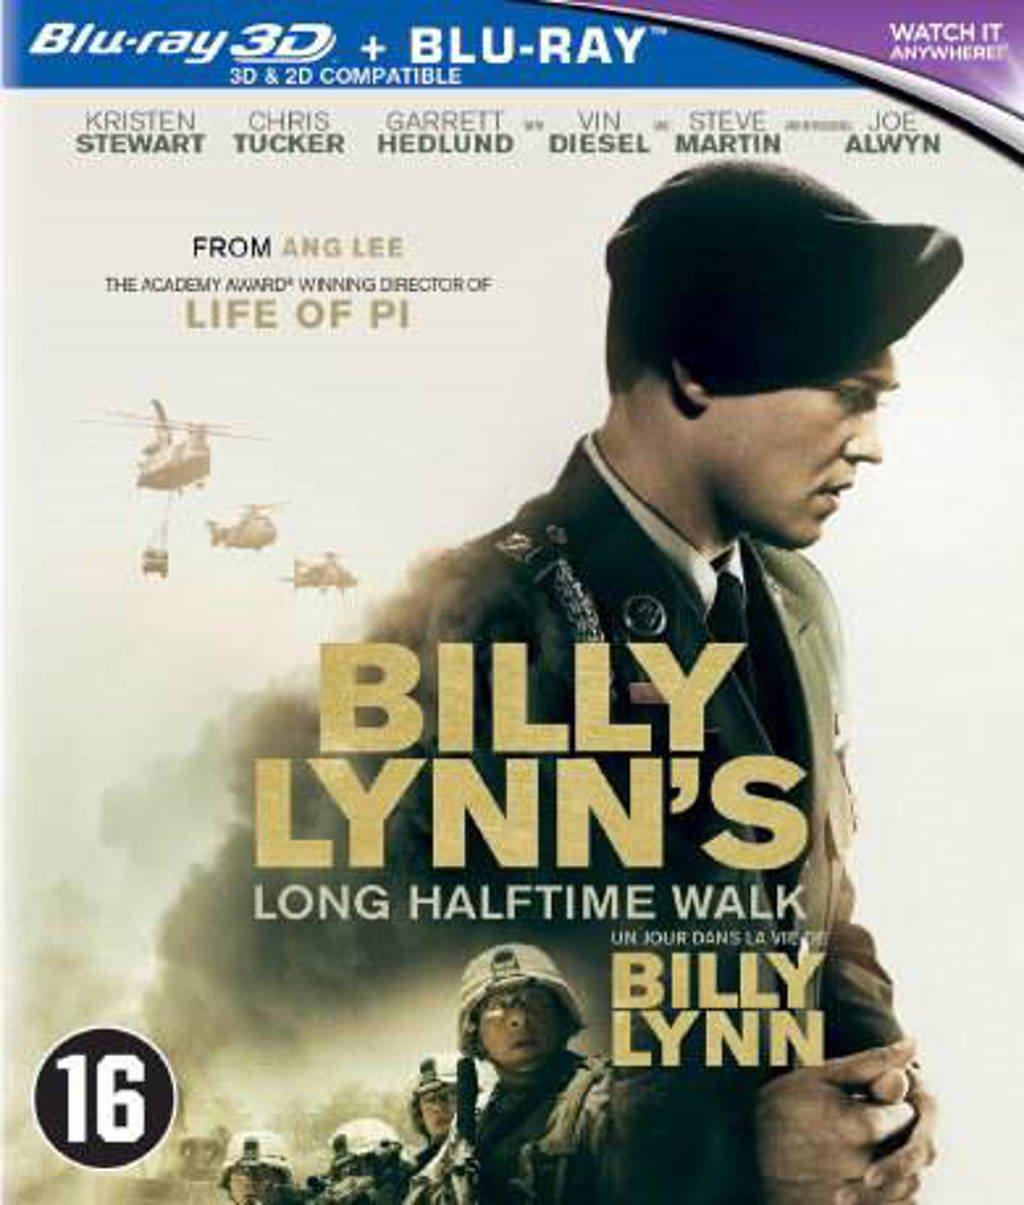 Billy Lynns long halftime walk (3D) (Blu-ray)